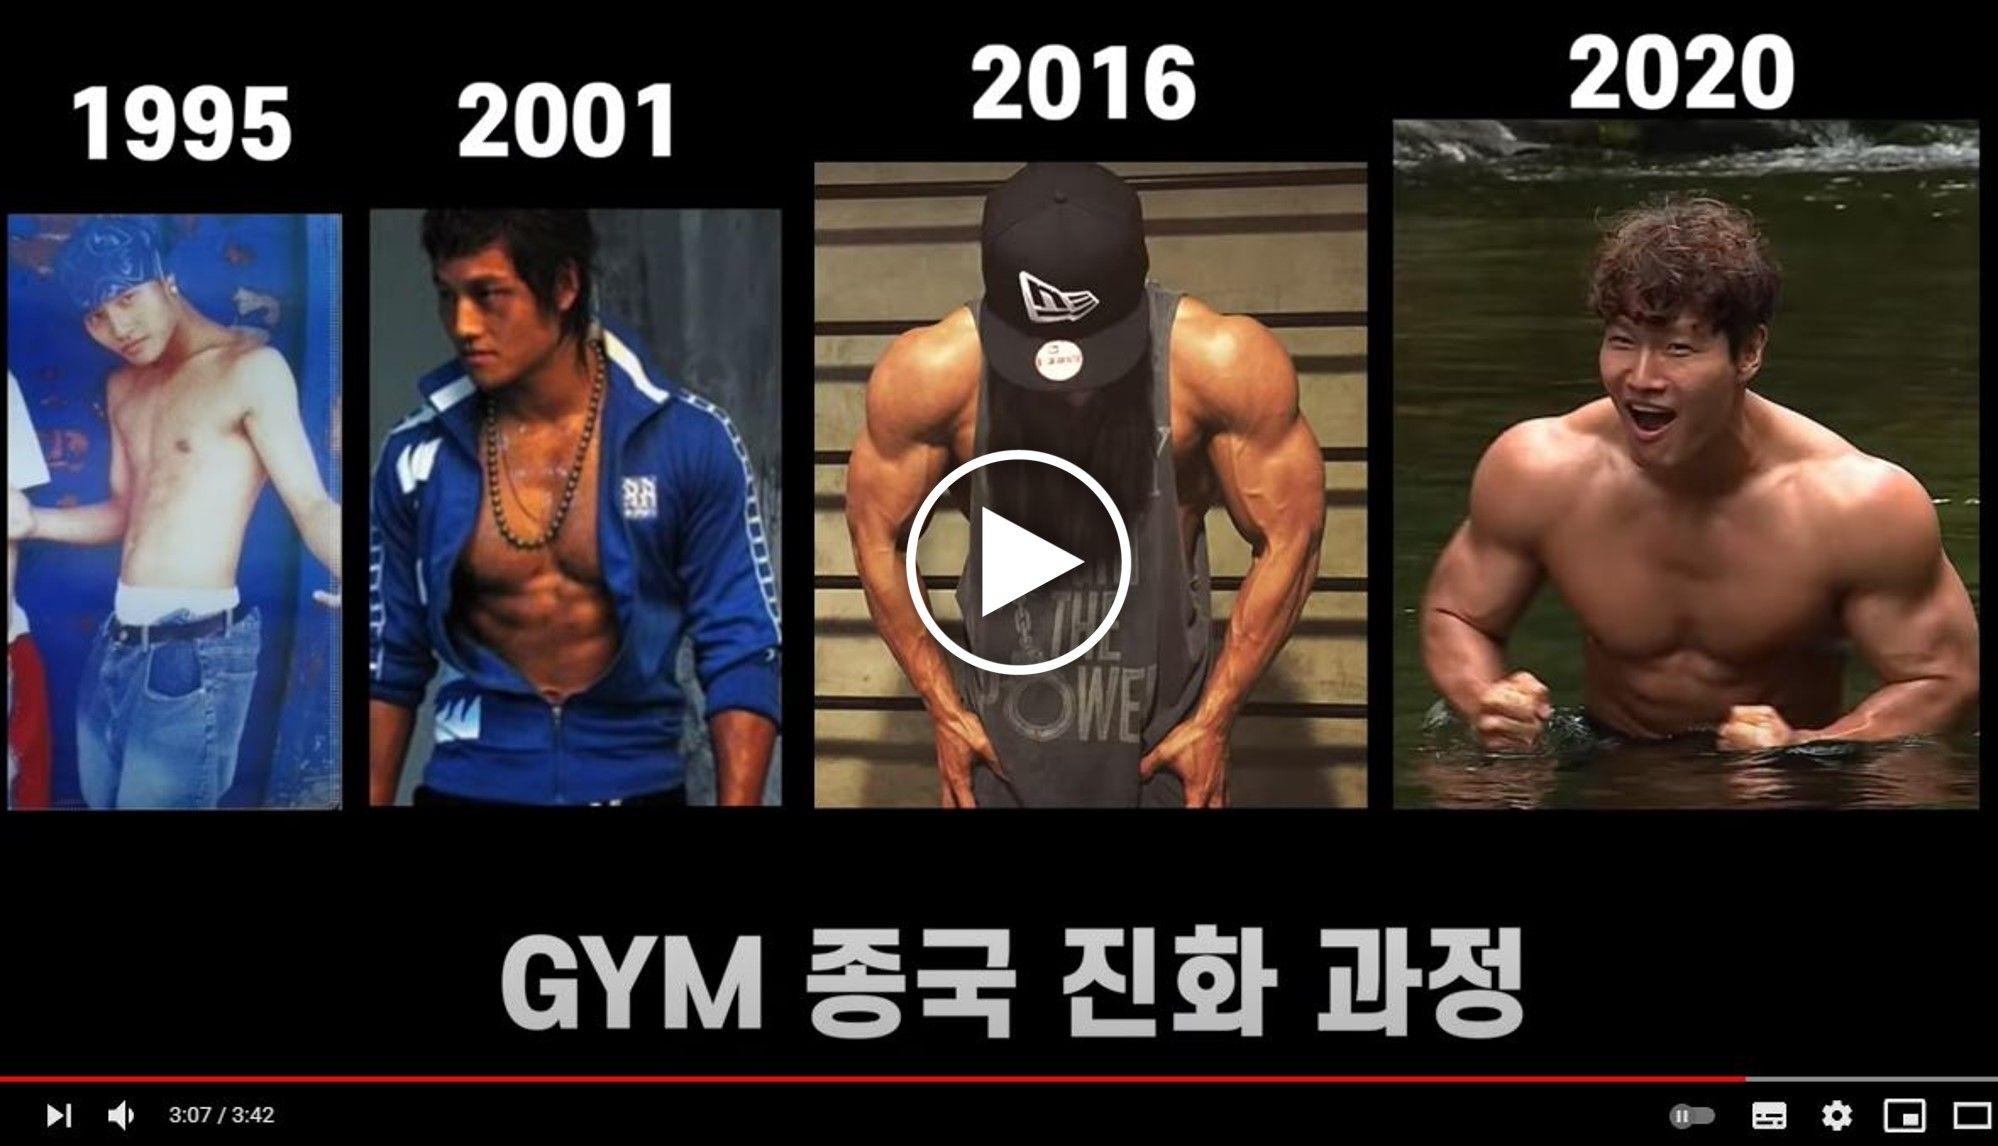 김종국의 파워, 유튜브도 통했다!